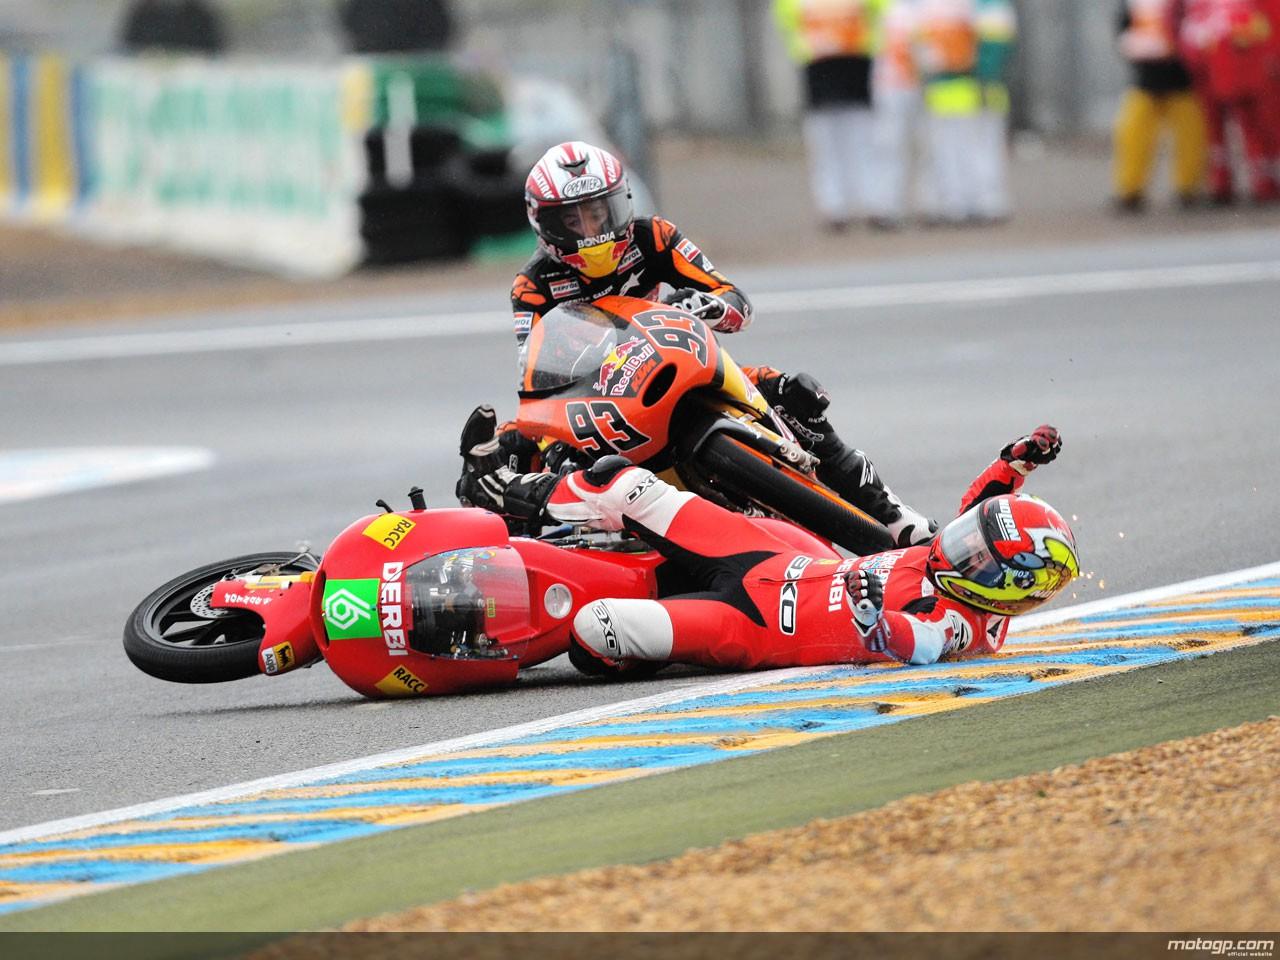 motogp.com · Marc Marquez and Joan Olivé crash during 125cc race in Le Mans